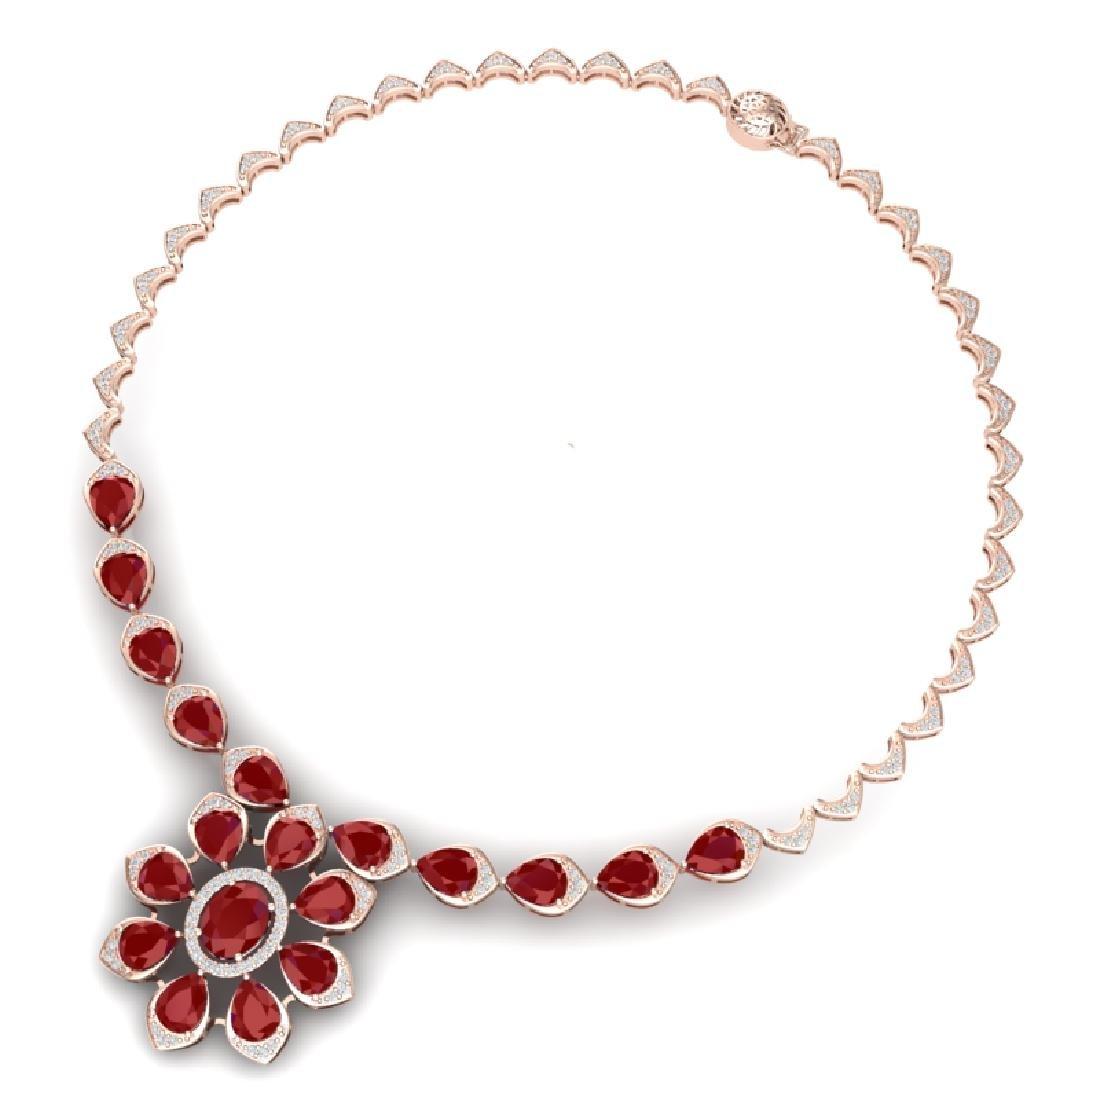 30.70 CTW Royalty Ruby & VS Diamond Necklace 18K Rose - 3